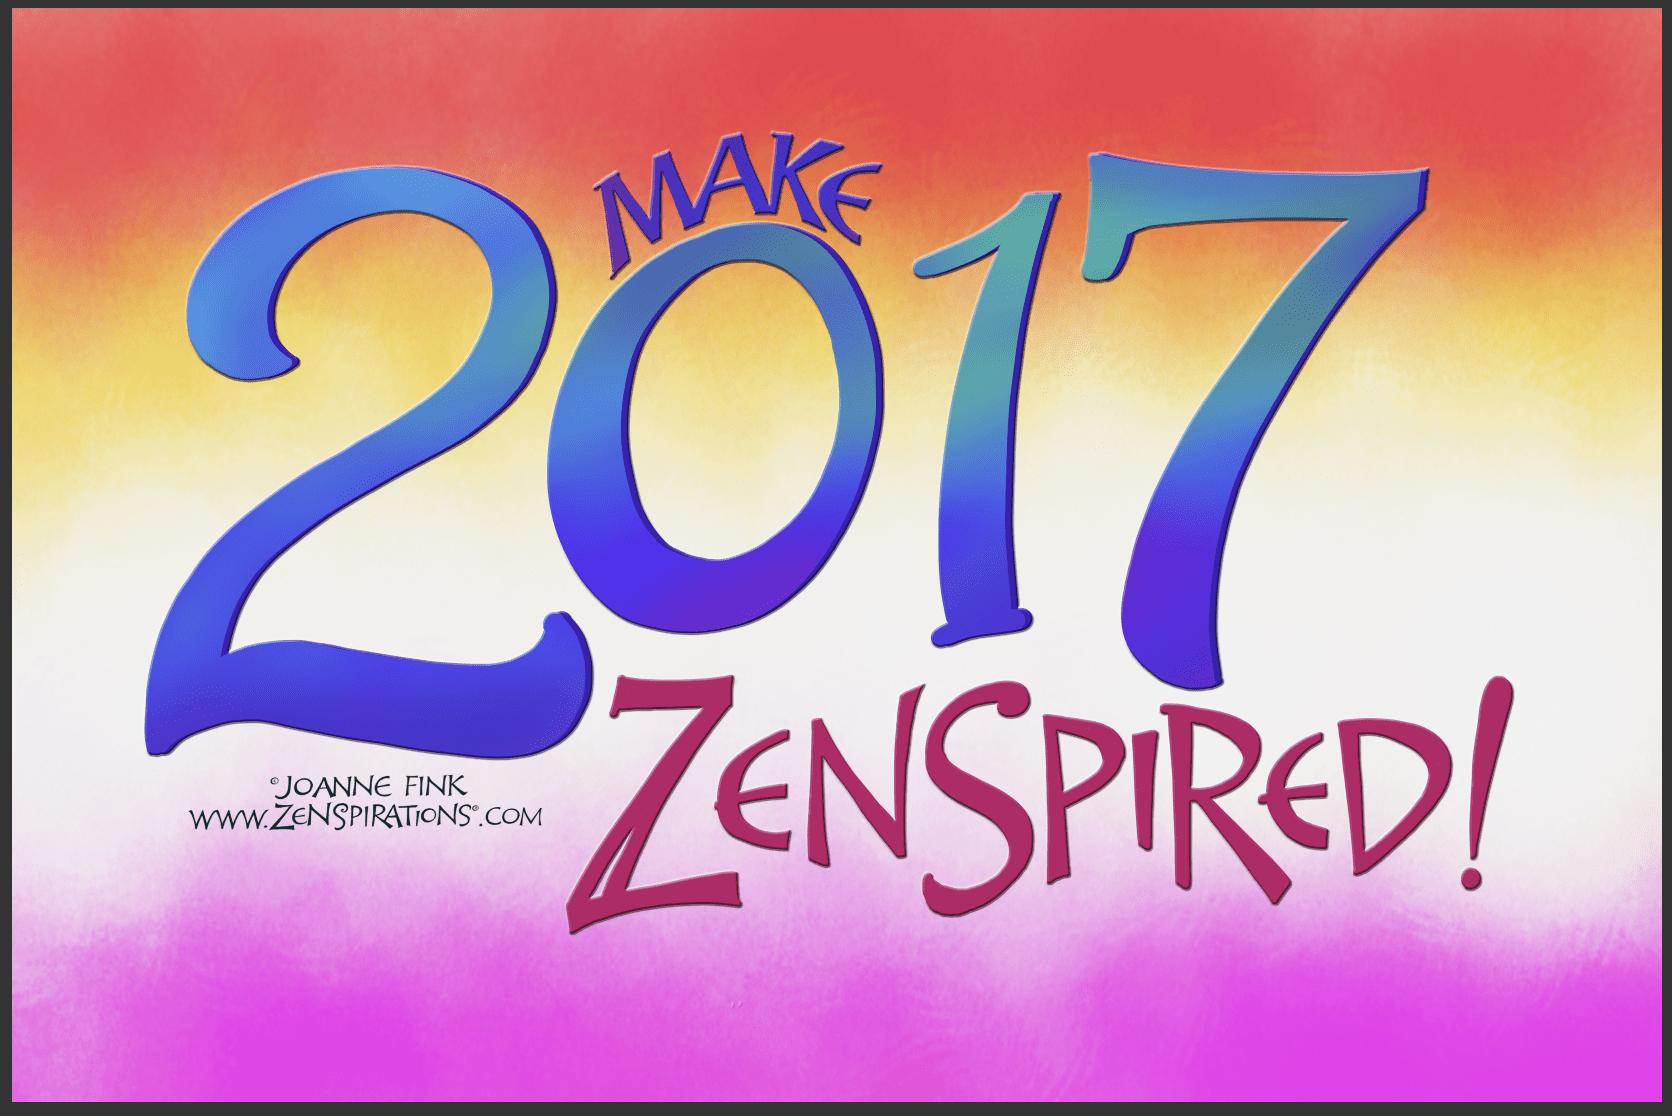 zenspirations_by_joanne_fink_new_year_blog_2016_zenspired